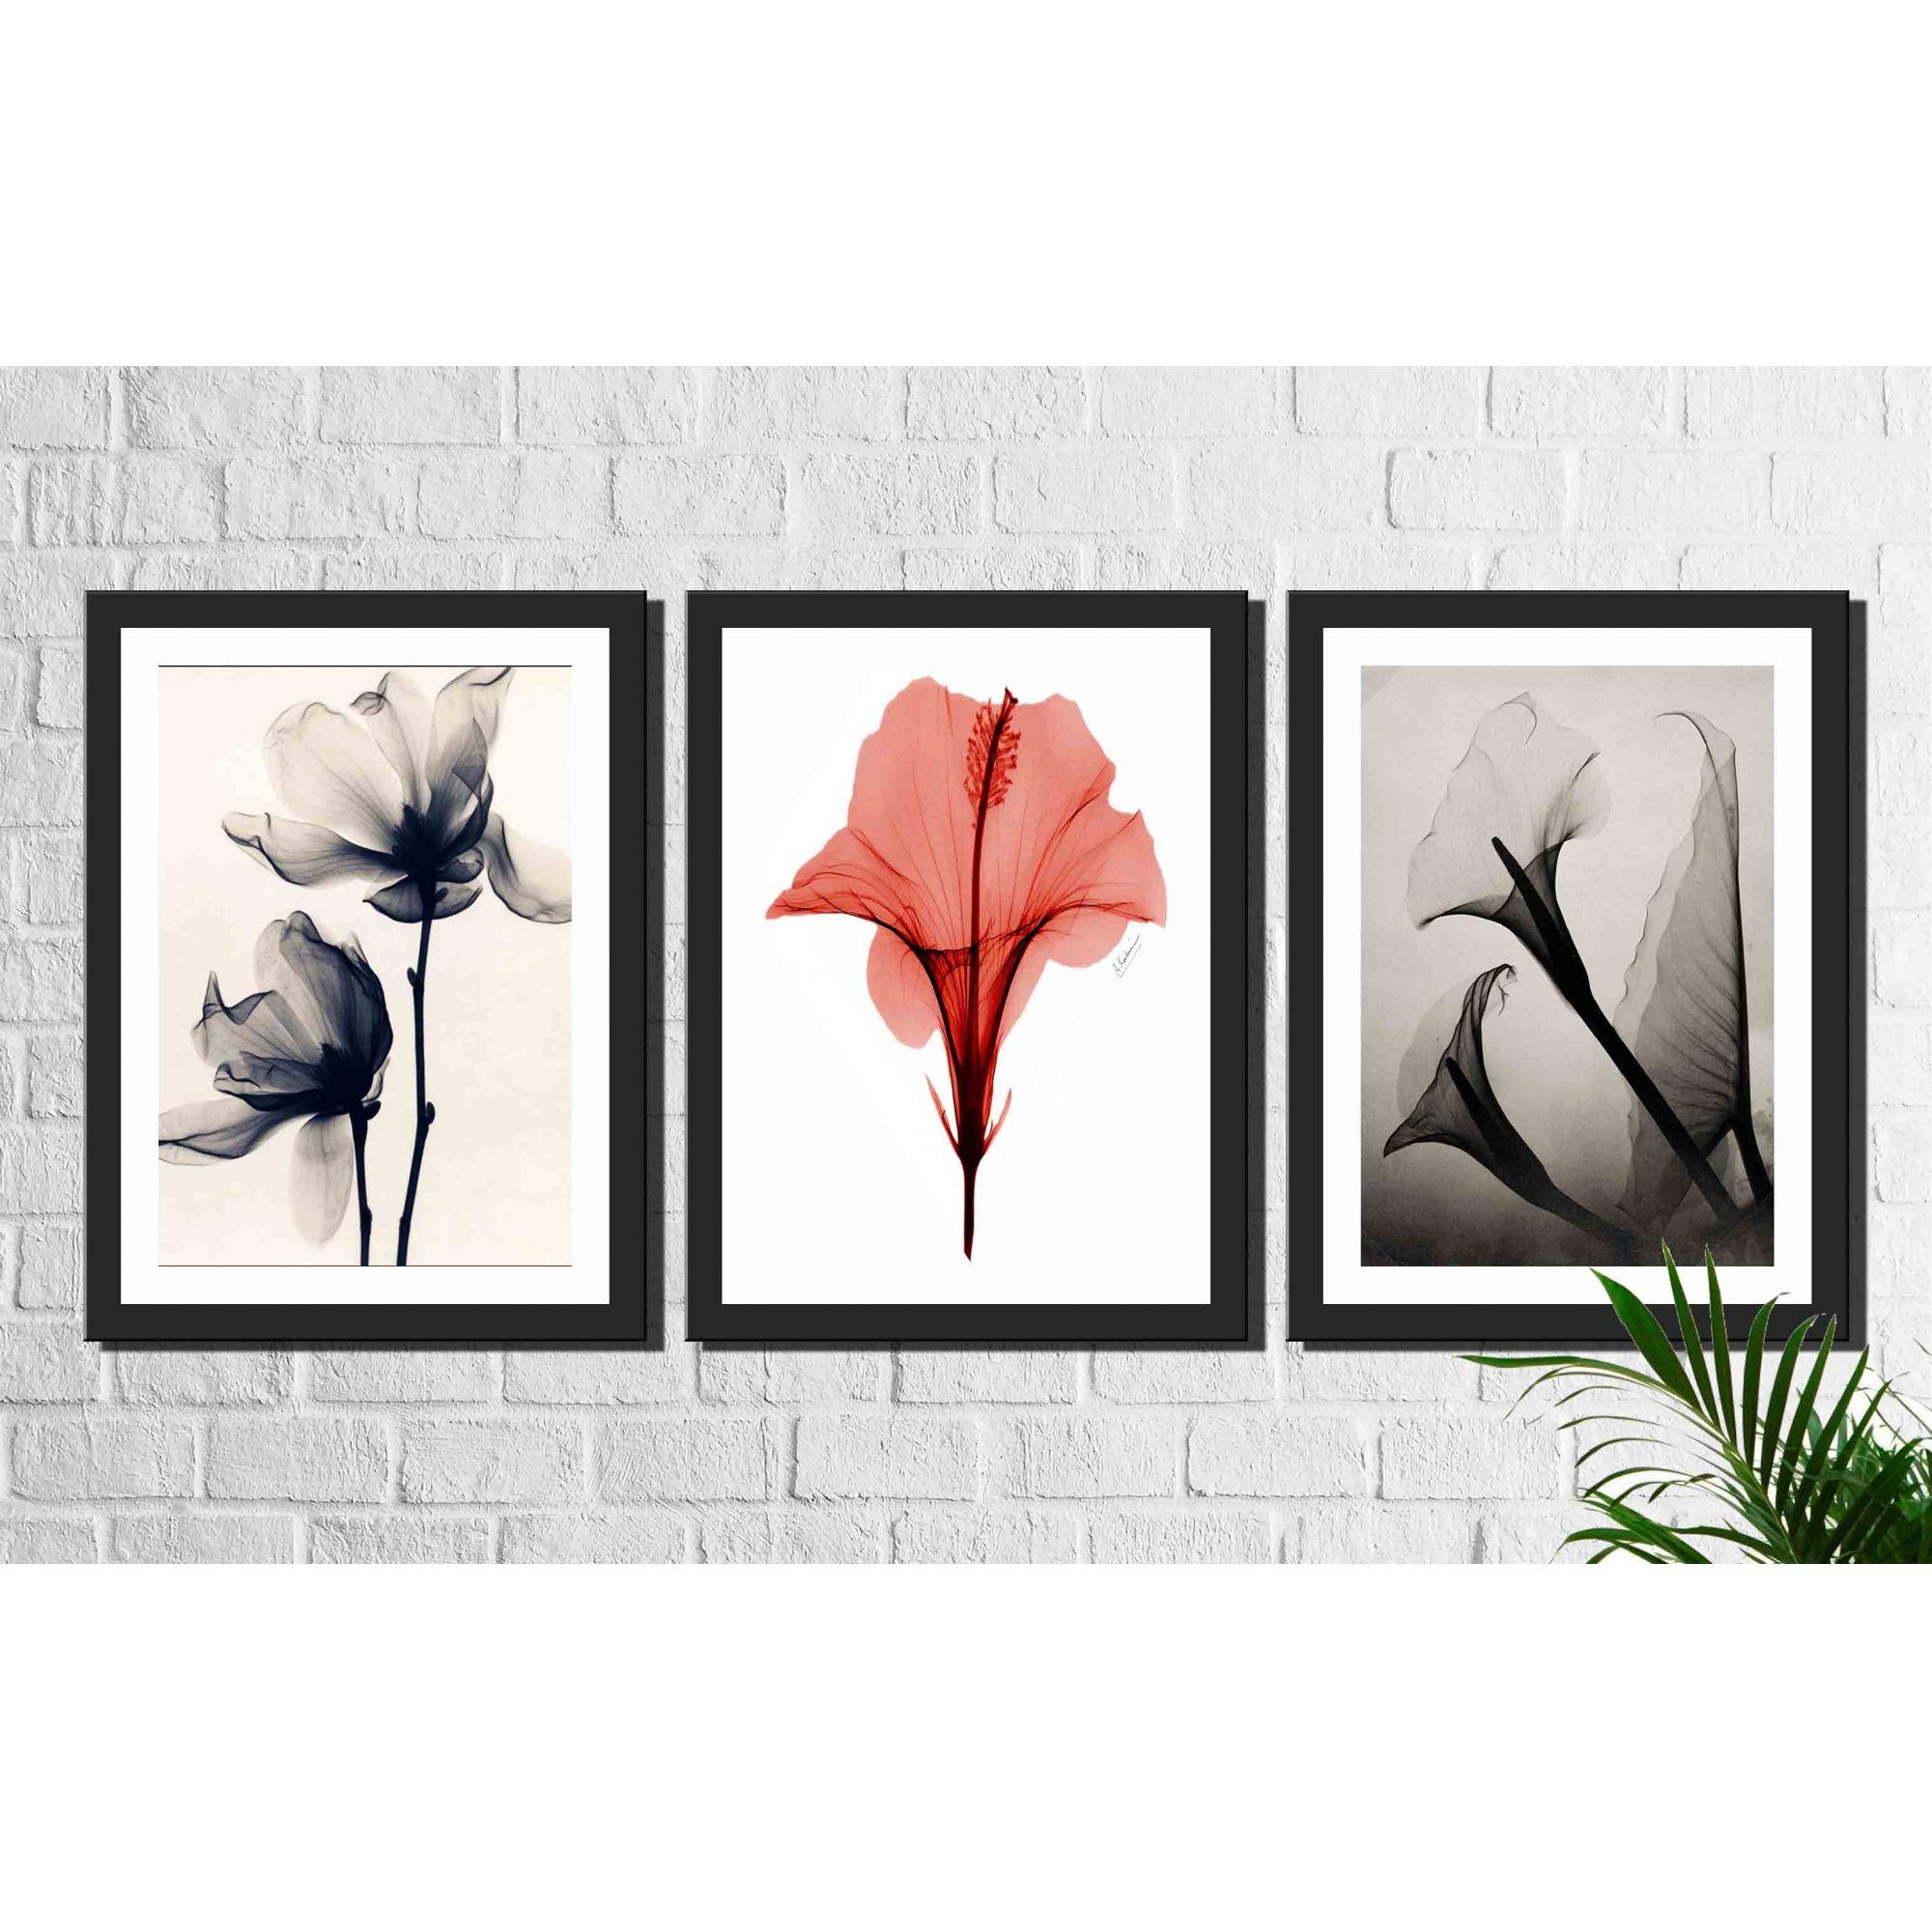 e96ad58d4 Quadros Decorativos Adesivos e papel de parede - Arte Quadro